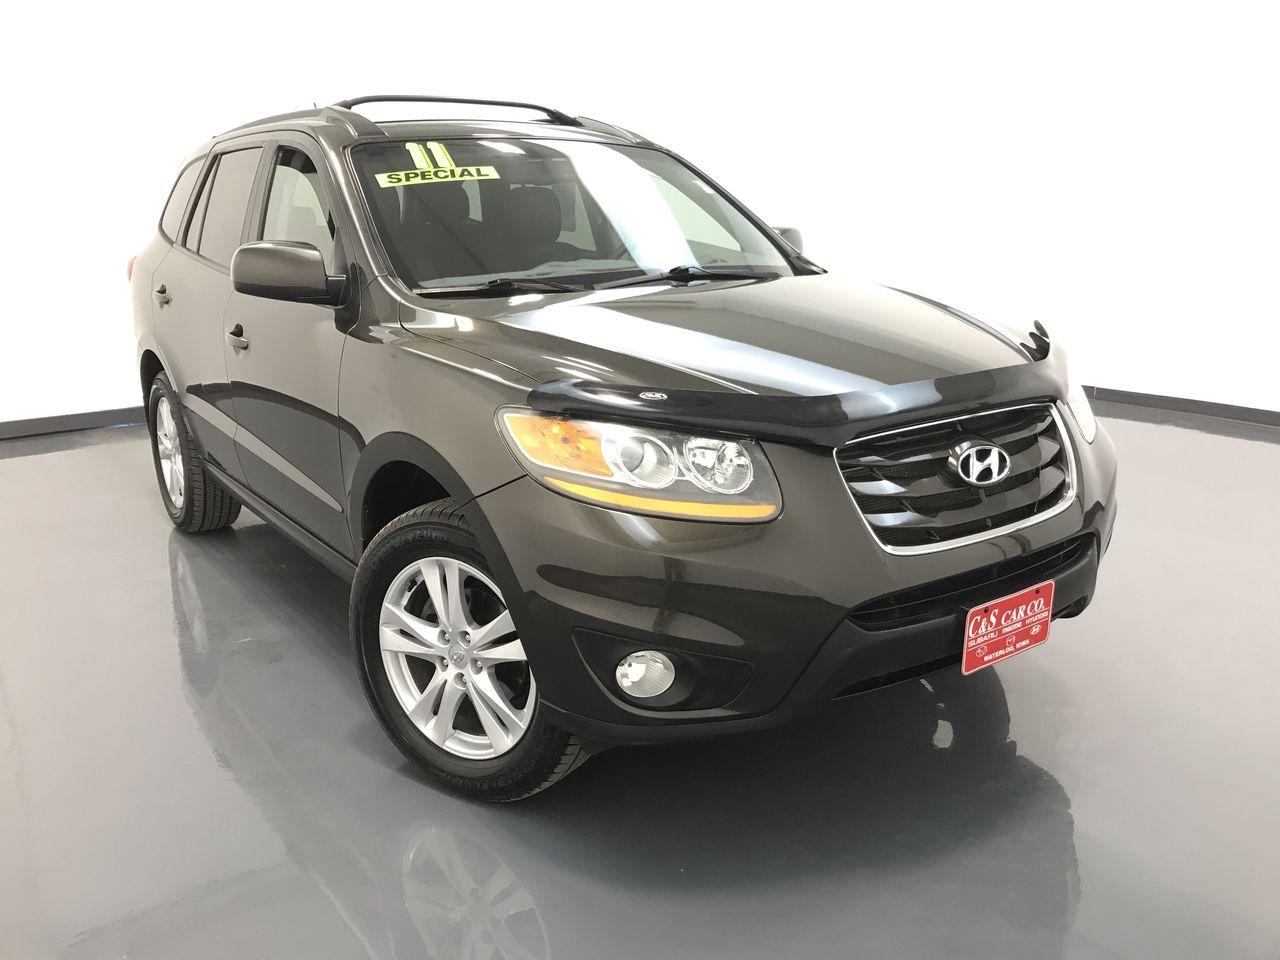 2011 Hyundai Santa Fe  - C & S Car Company